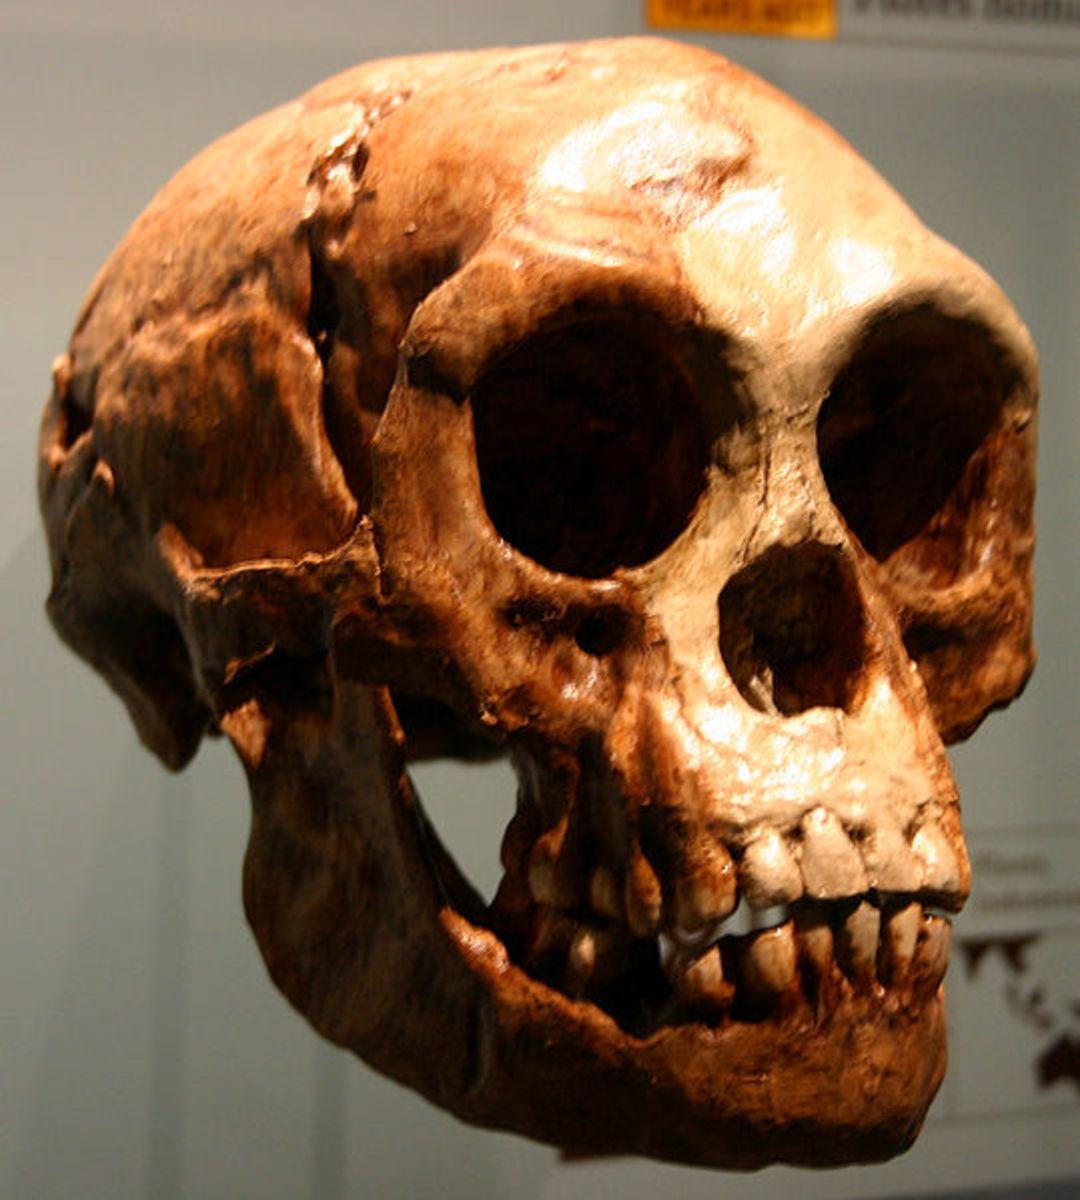 The skull of the Hobbit